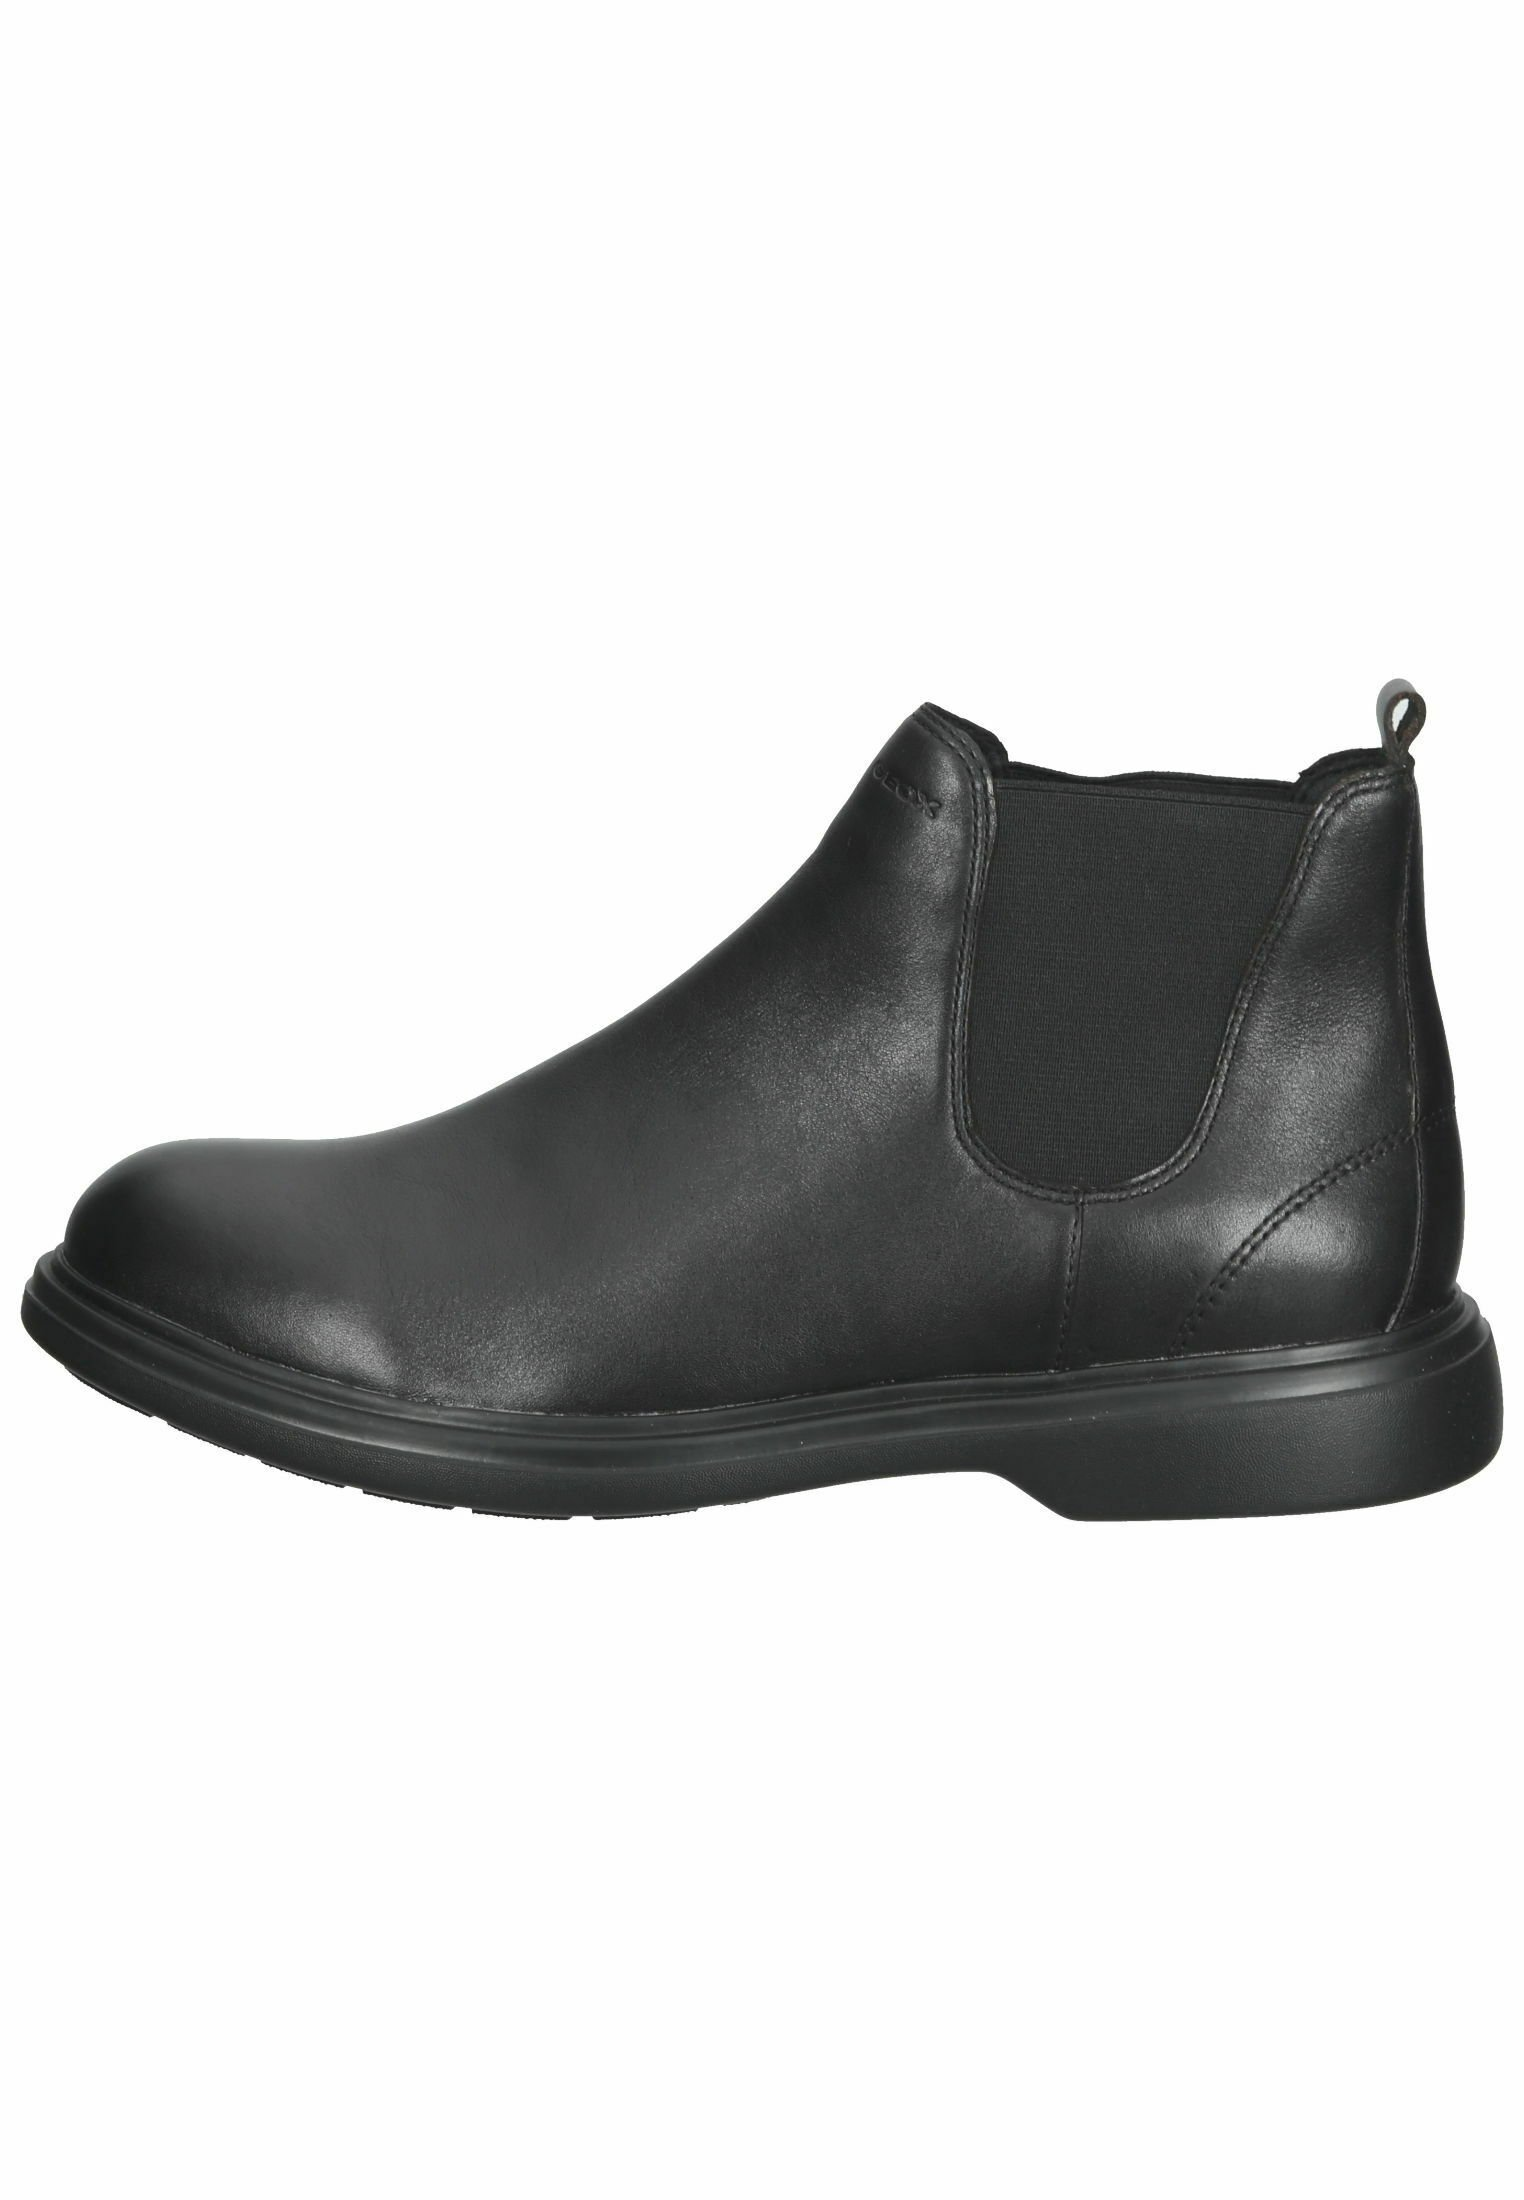 Herren Stiefelette - schwarz